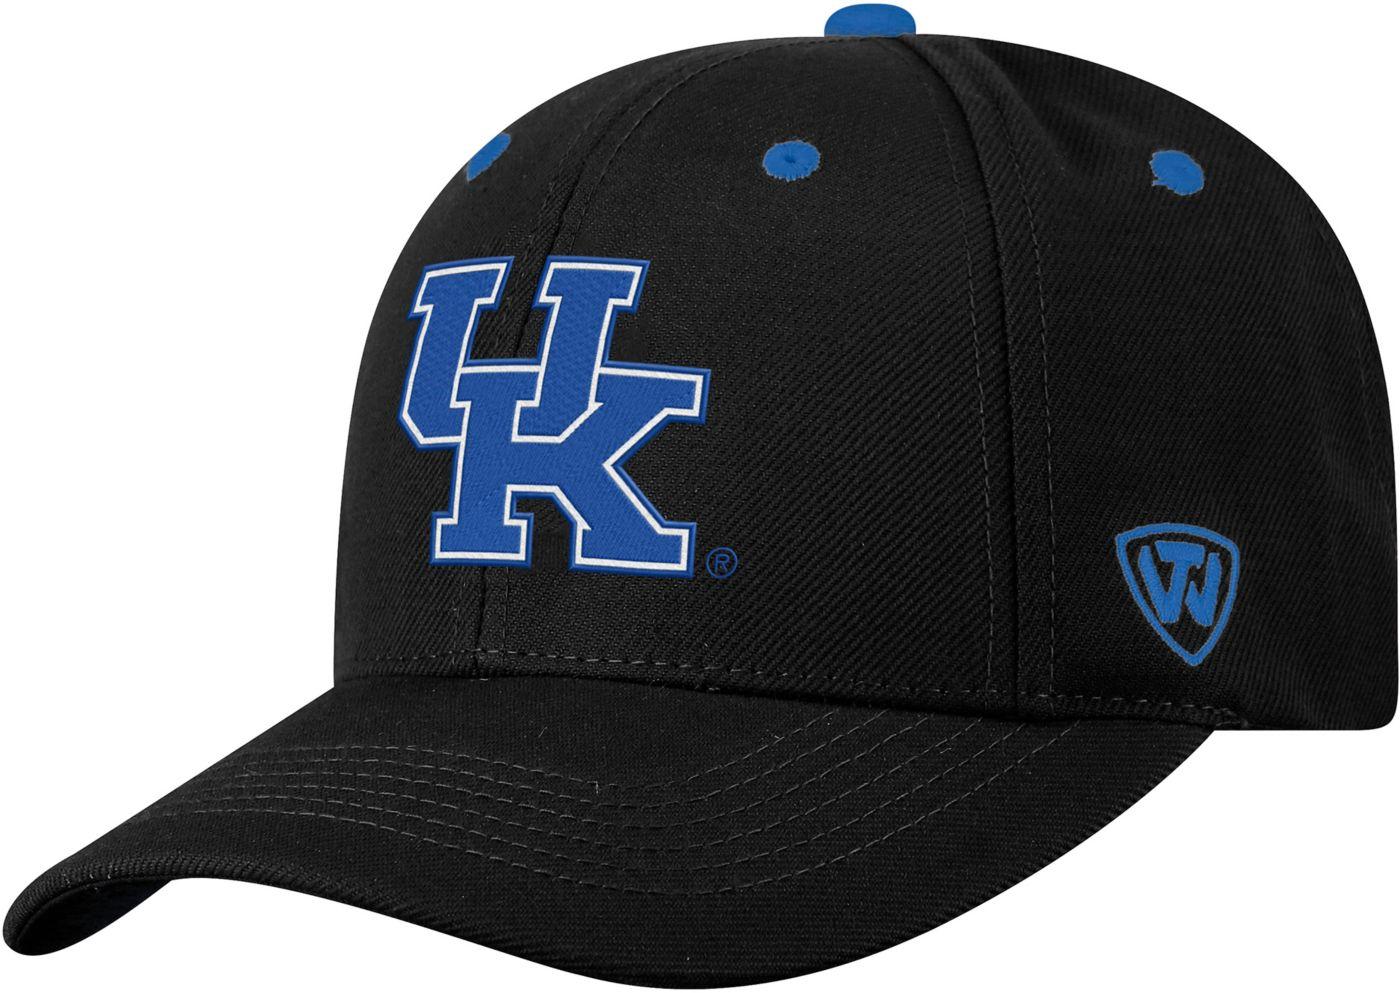 Top of the World Men's Kentucky Wildcats Triple Threat Adjustable Black Hat